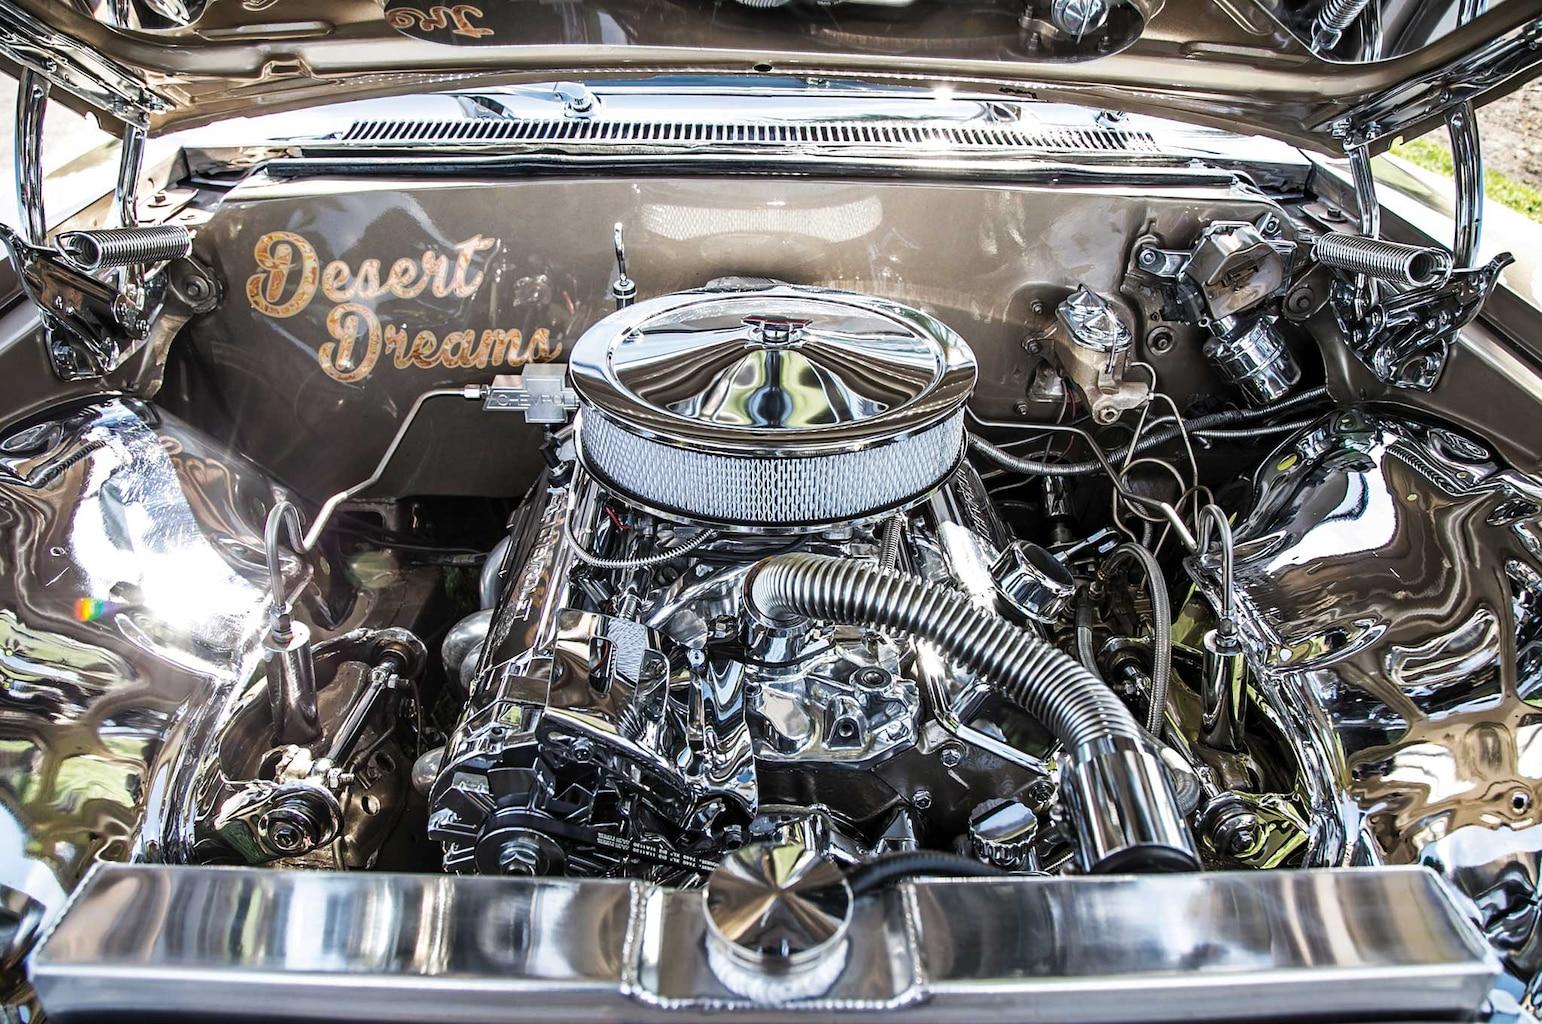 007 1967 chevrolet impala chevy 350